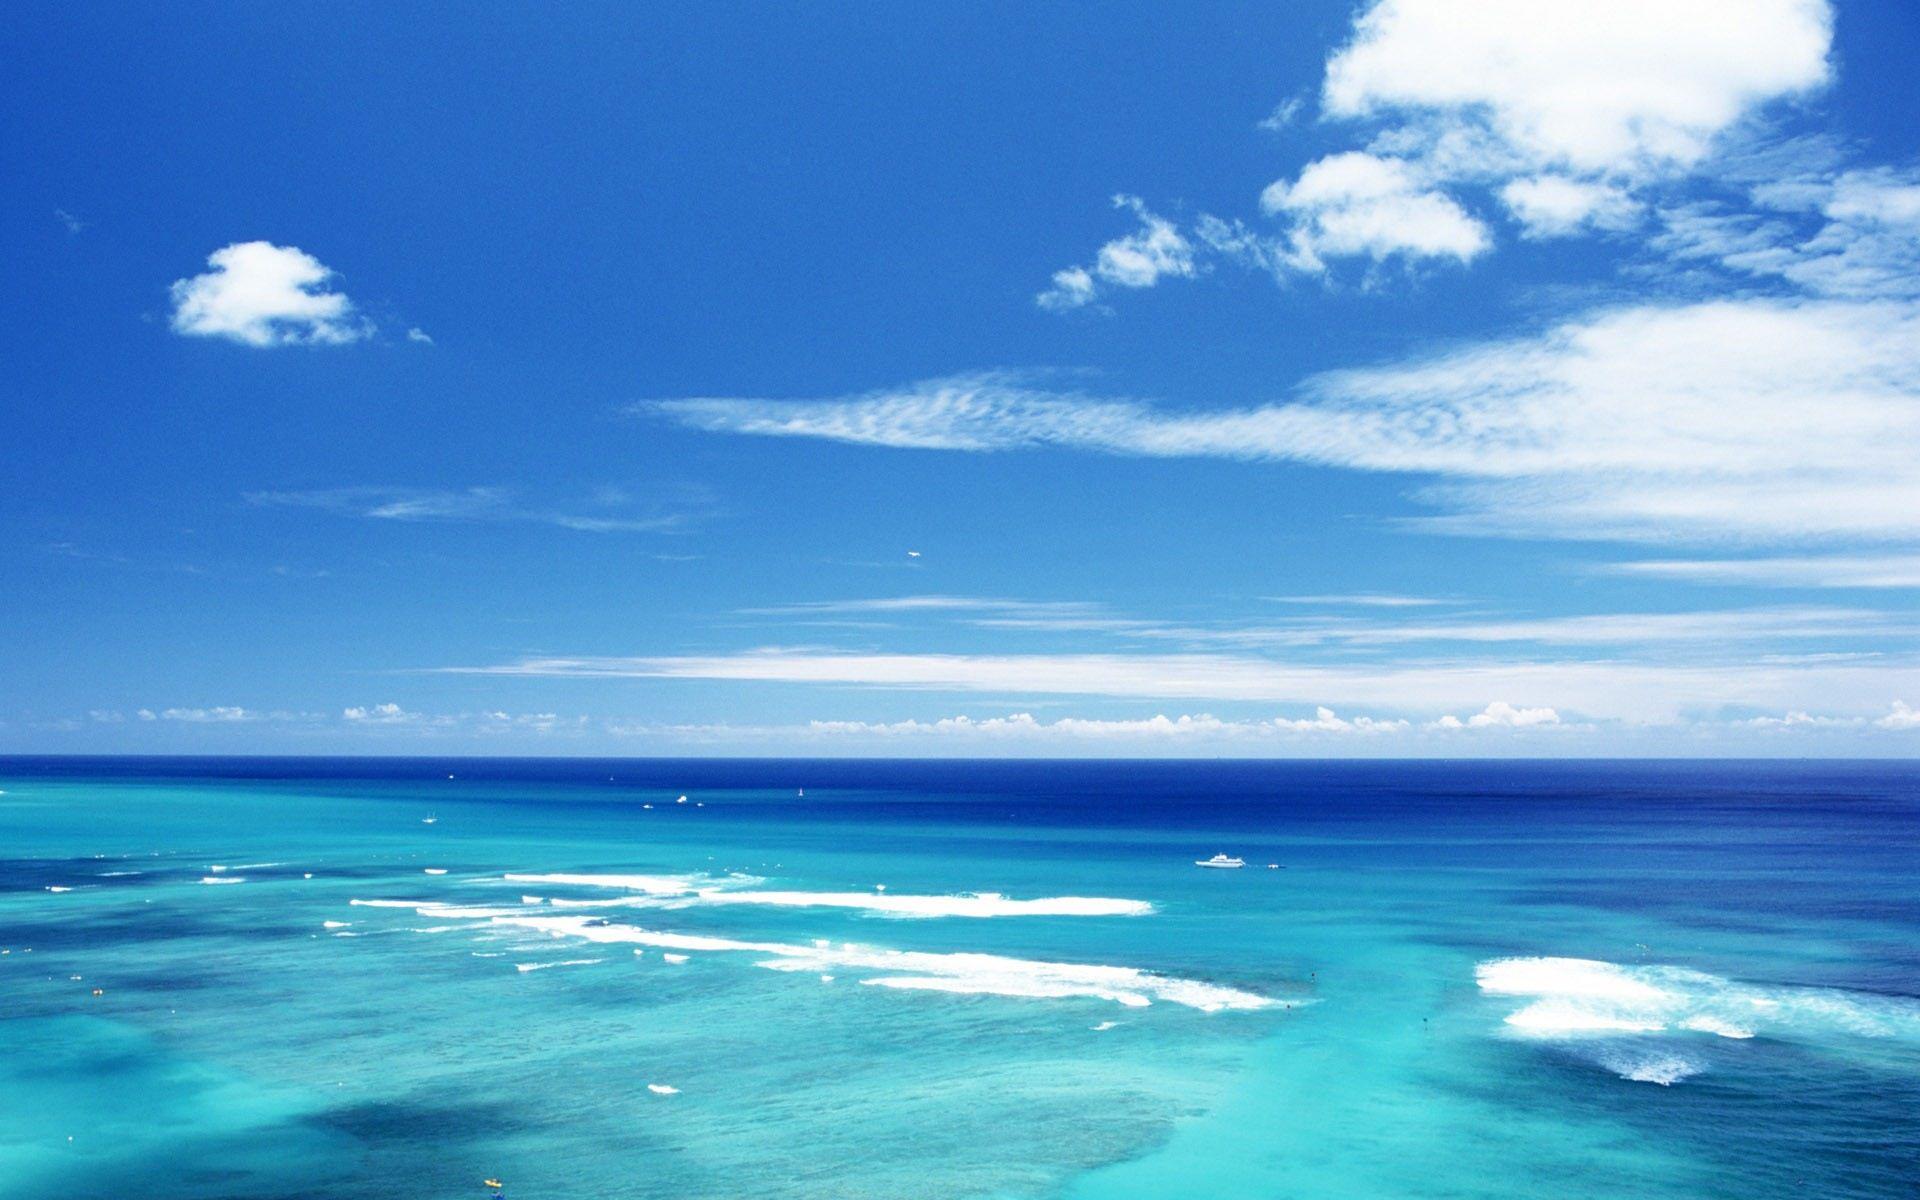 一望无际的大海景观 精美ppt背景图片